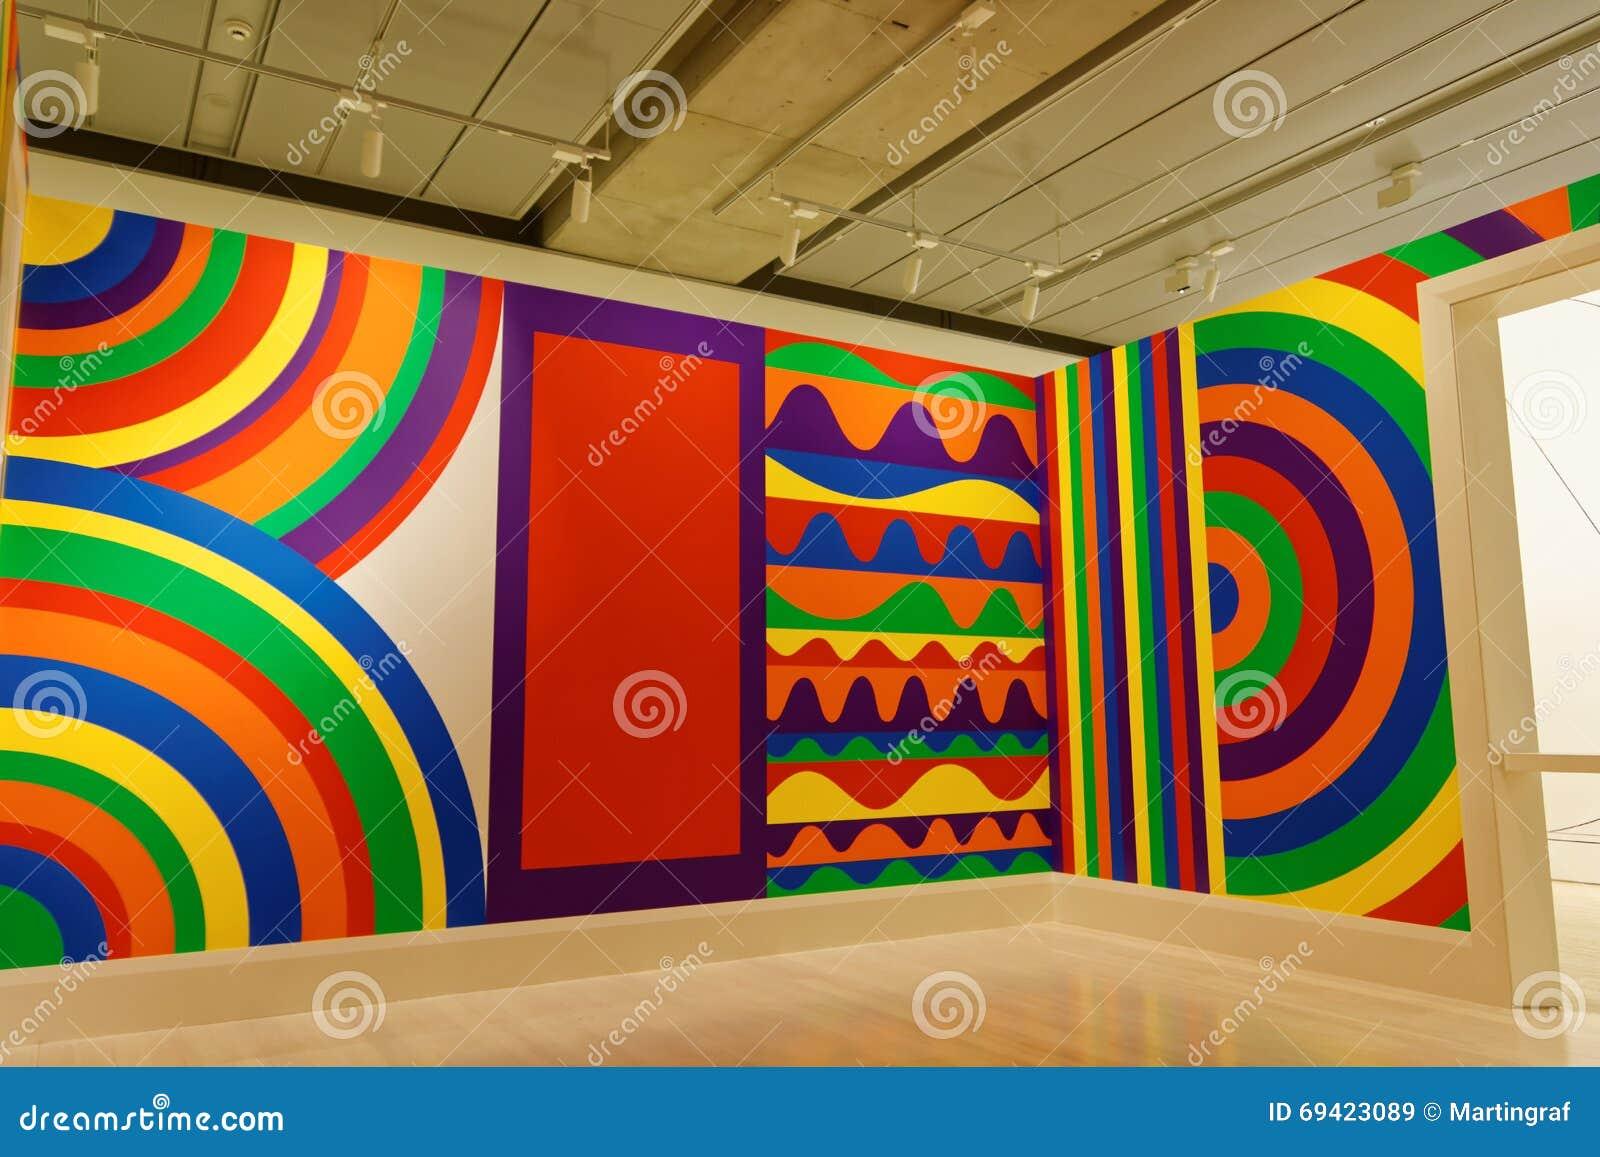 Disegni Di Parete Artistici Immagine Stock Editoriale Immagine Di